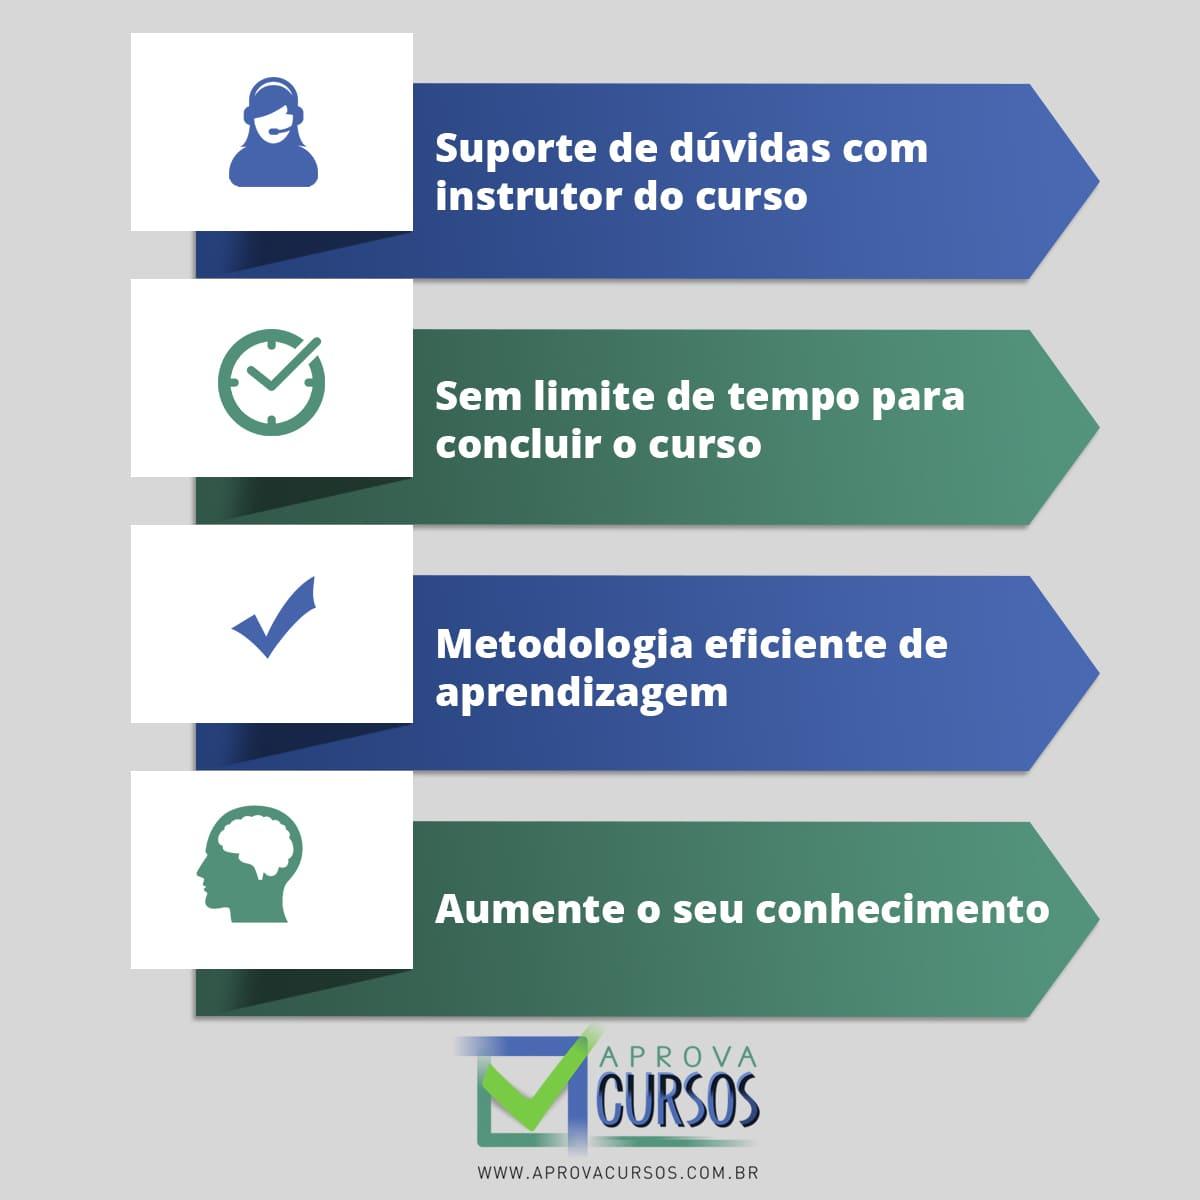 Curso Online de Relações Públicas com Certificado  - Aprova Cursos